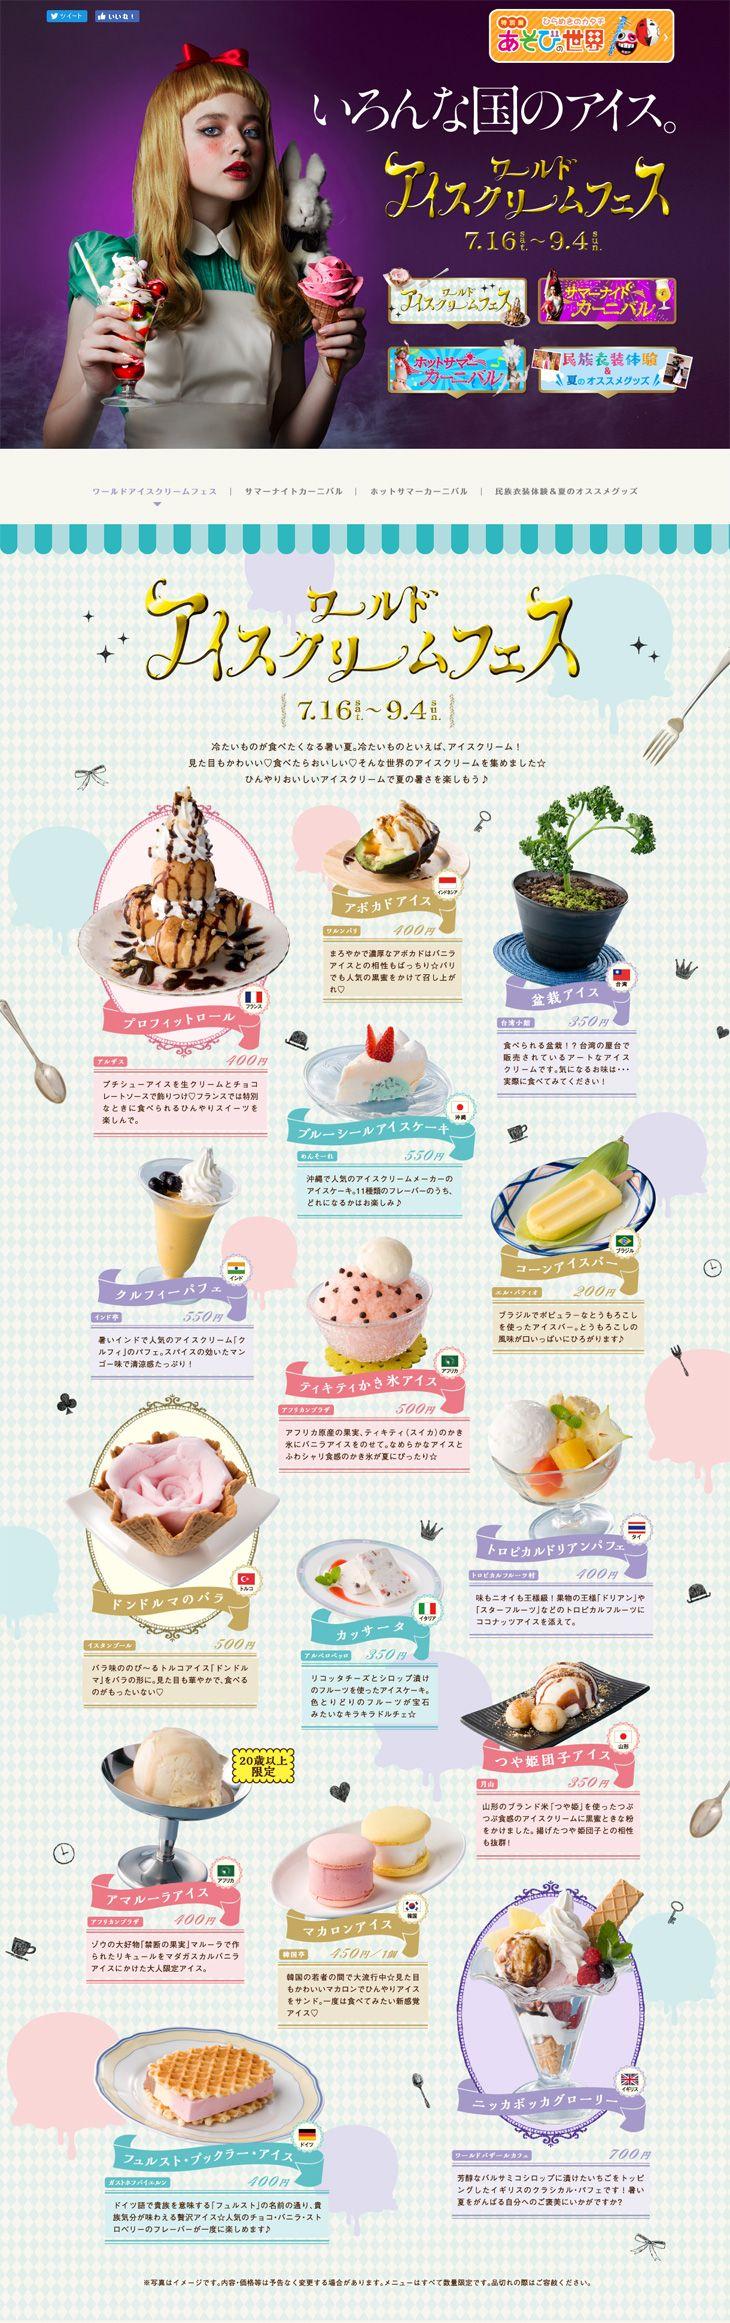 ワールドアイスクリームフェス